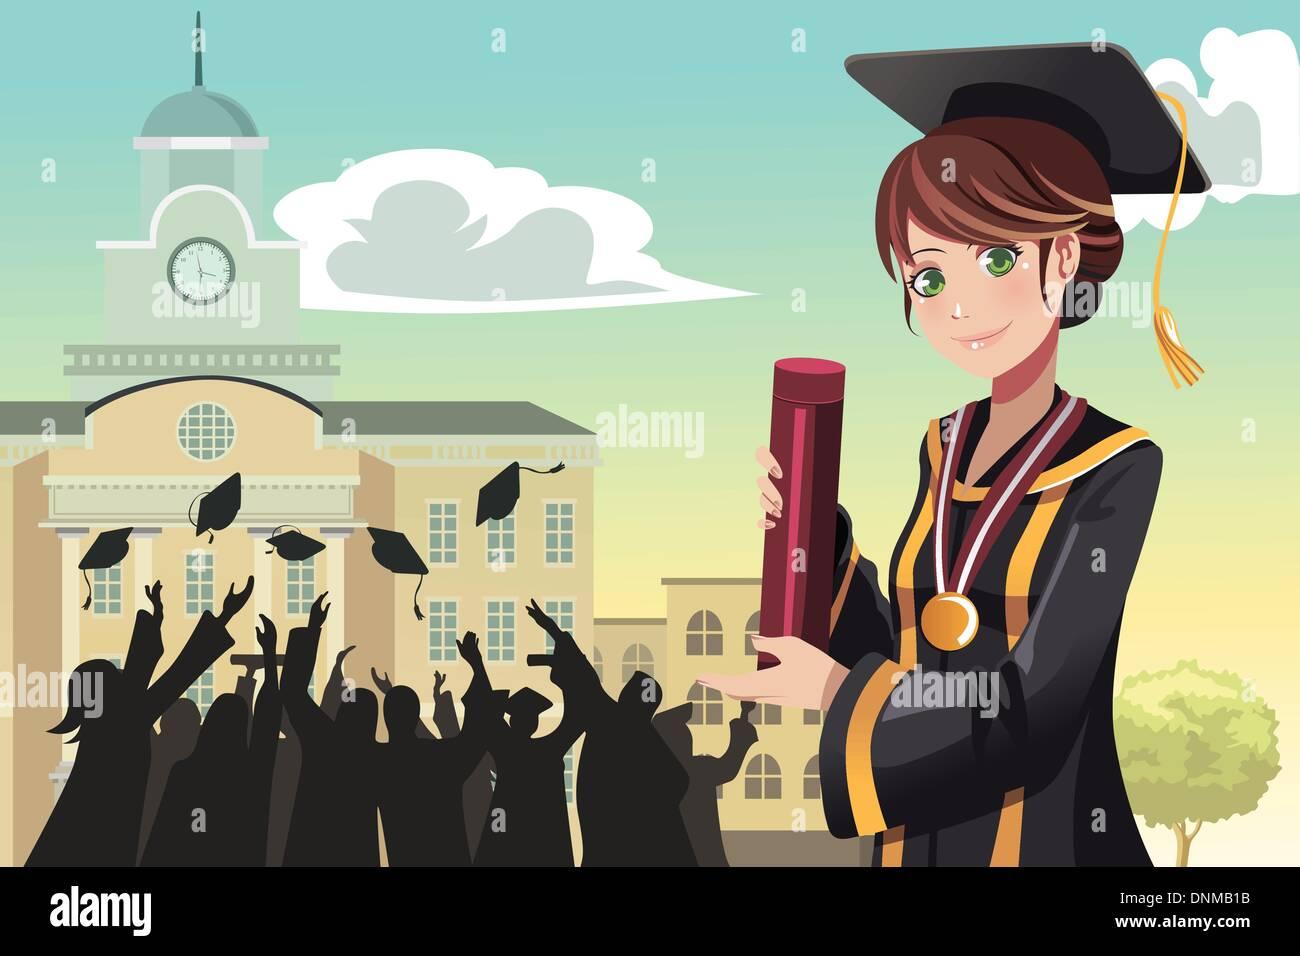 Una illustrazione vettoriale di graduazione di una ragazza con il suo diploma con i suoi amici in background Immagini Stock